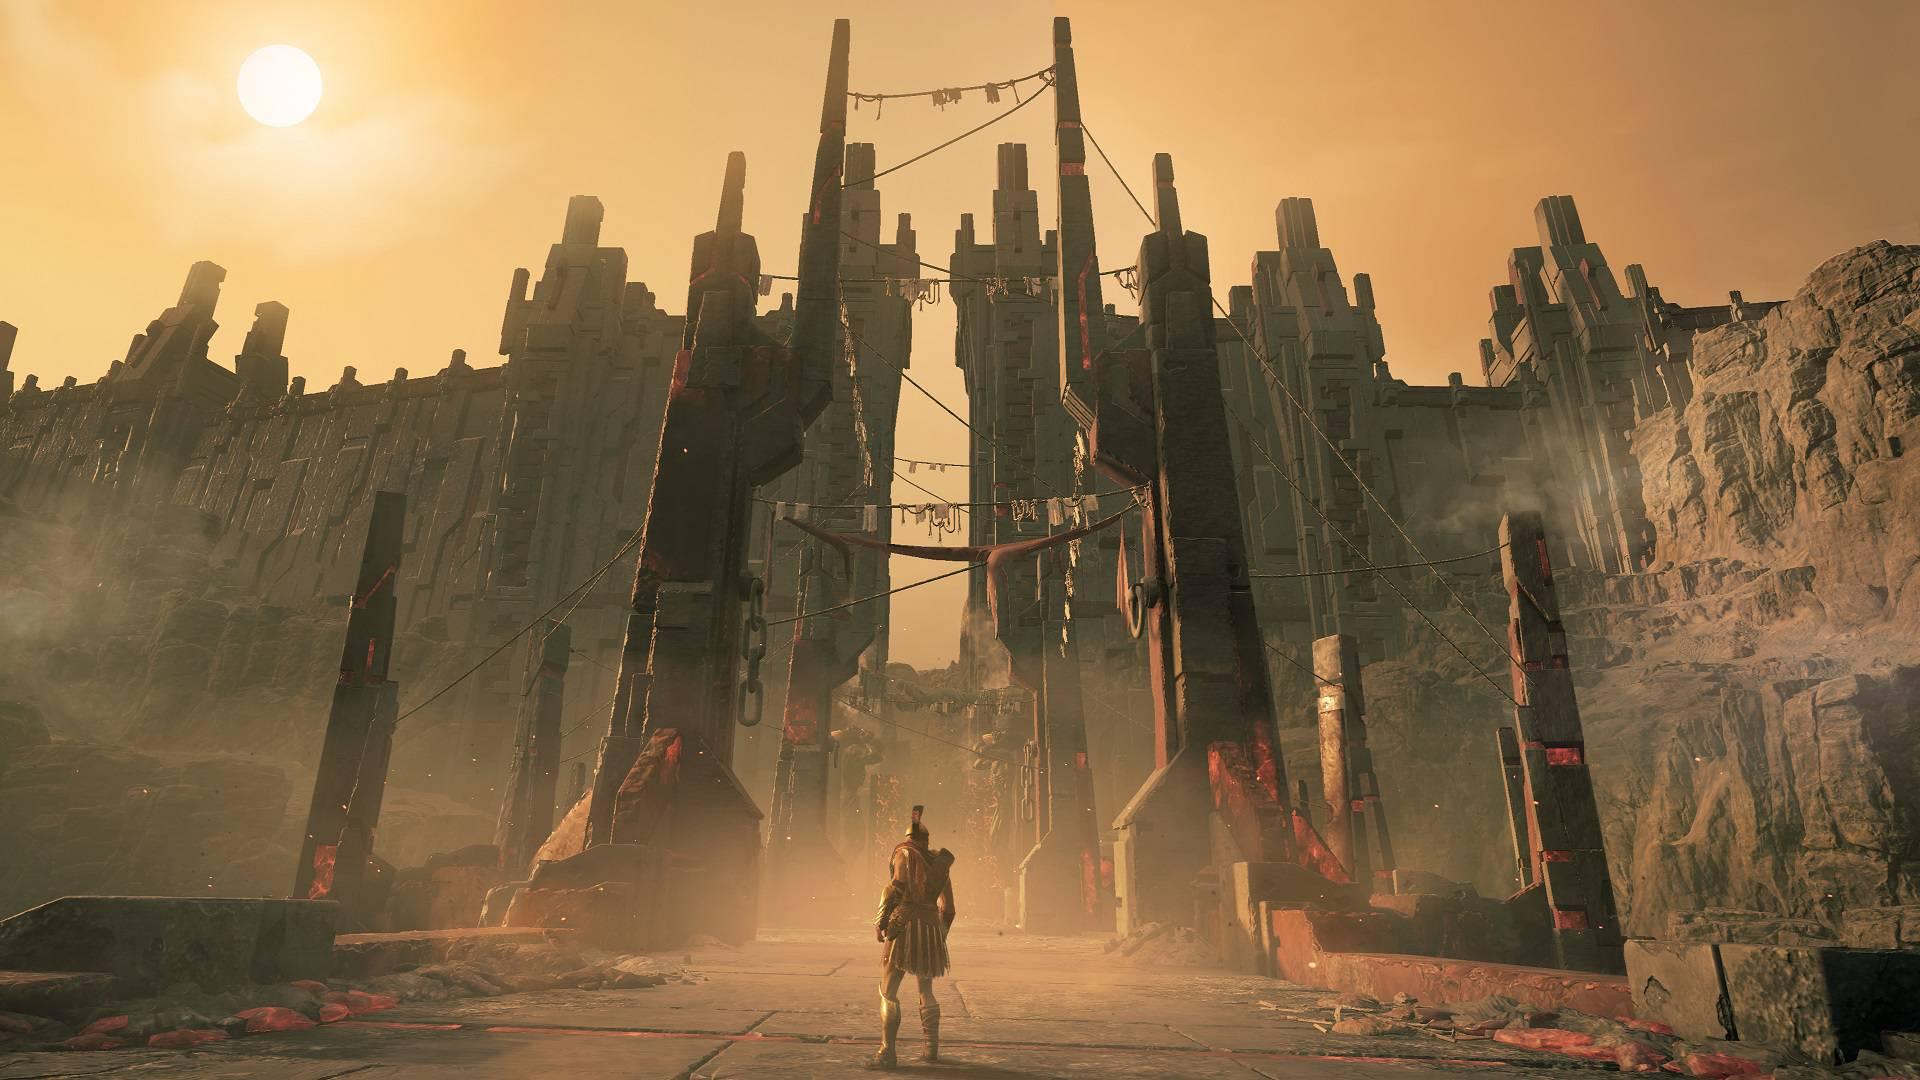 Assassin's Creed vodi vas u podzemlje u novoj eskpanziji